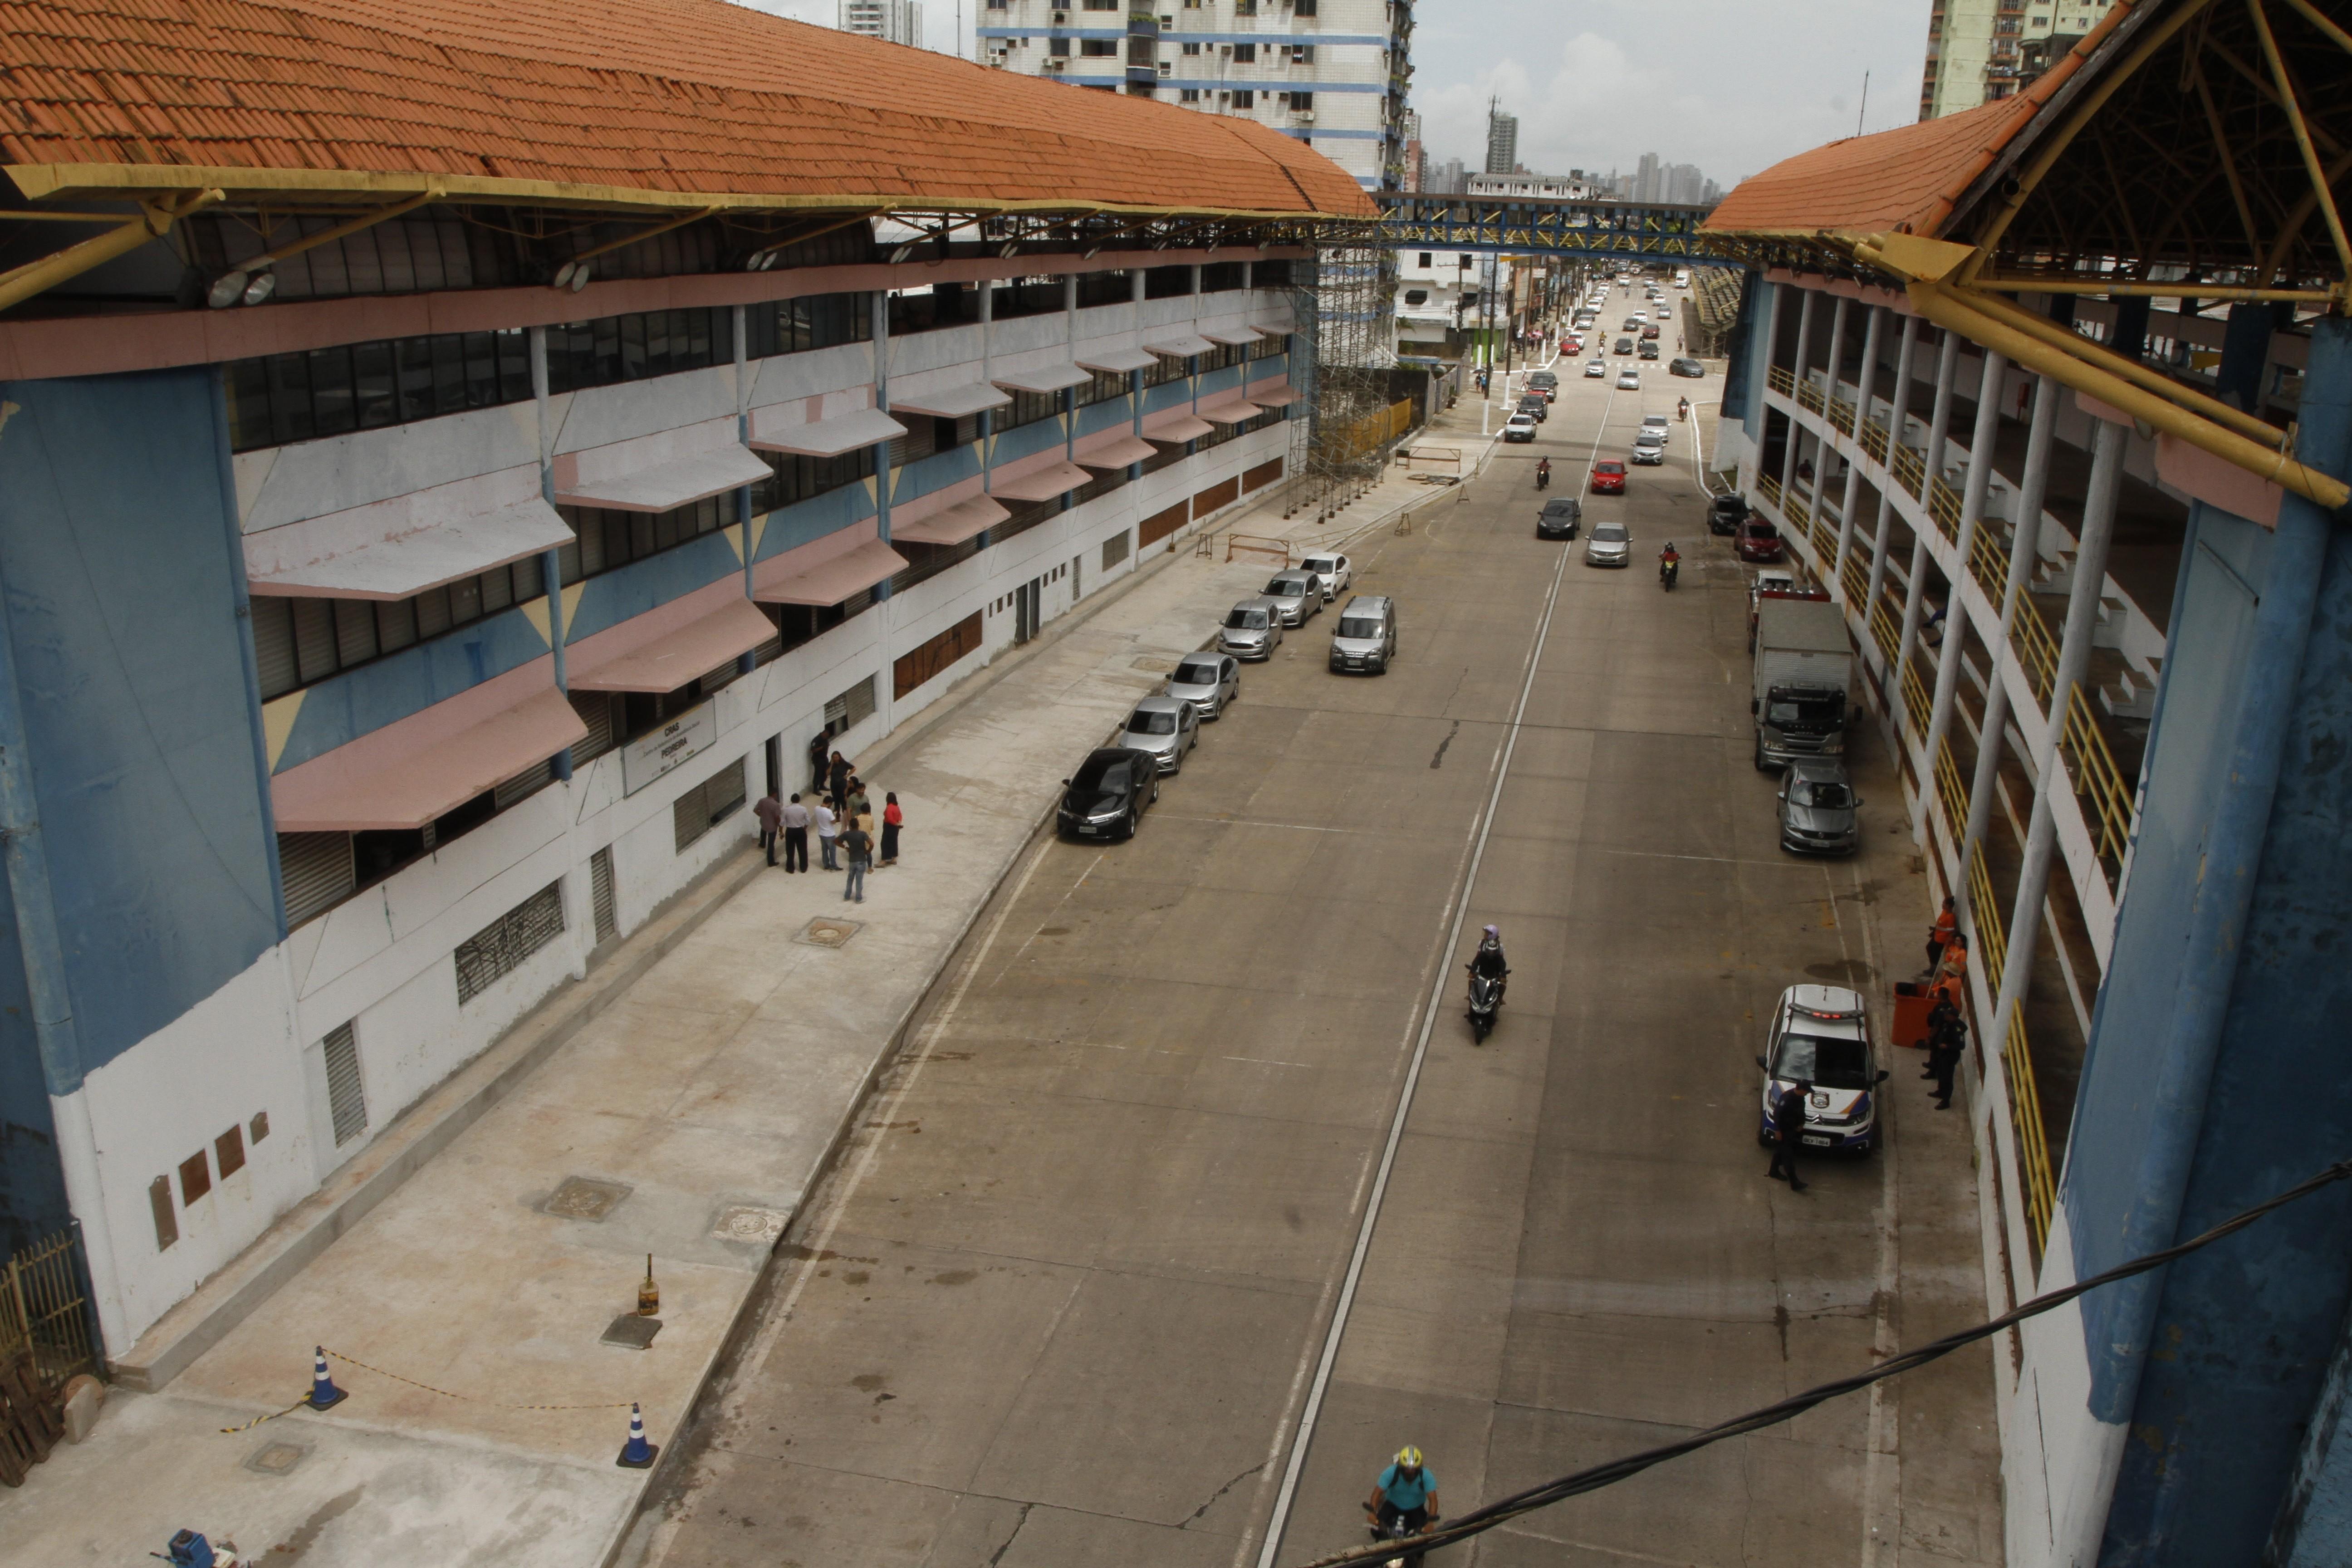 Trânsito na Aldeia Amazônica é interditado a partir desta segunda - Notícias - Plantão Diário